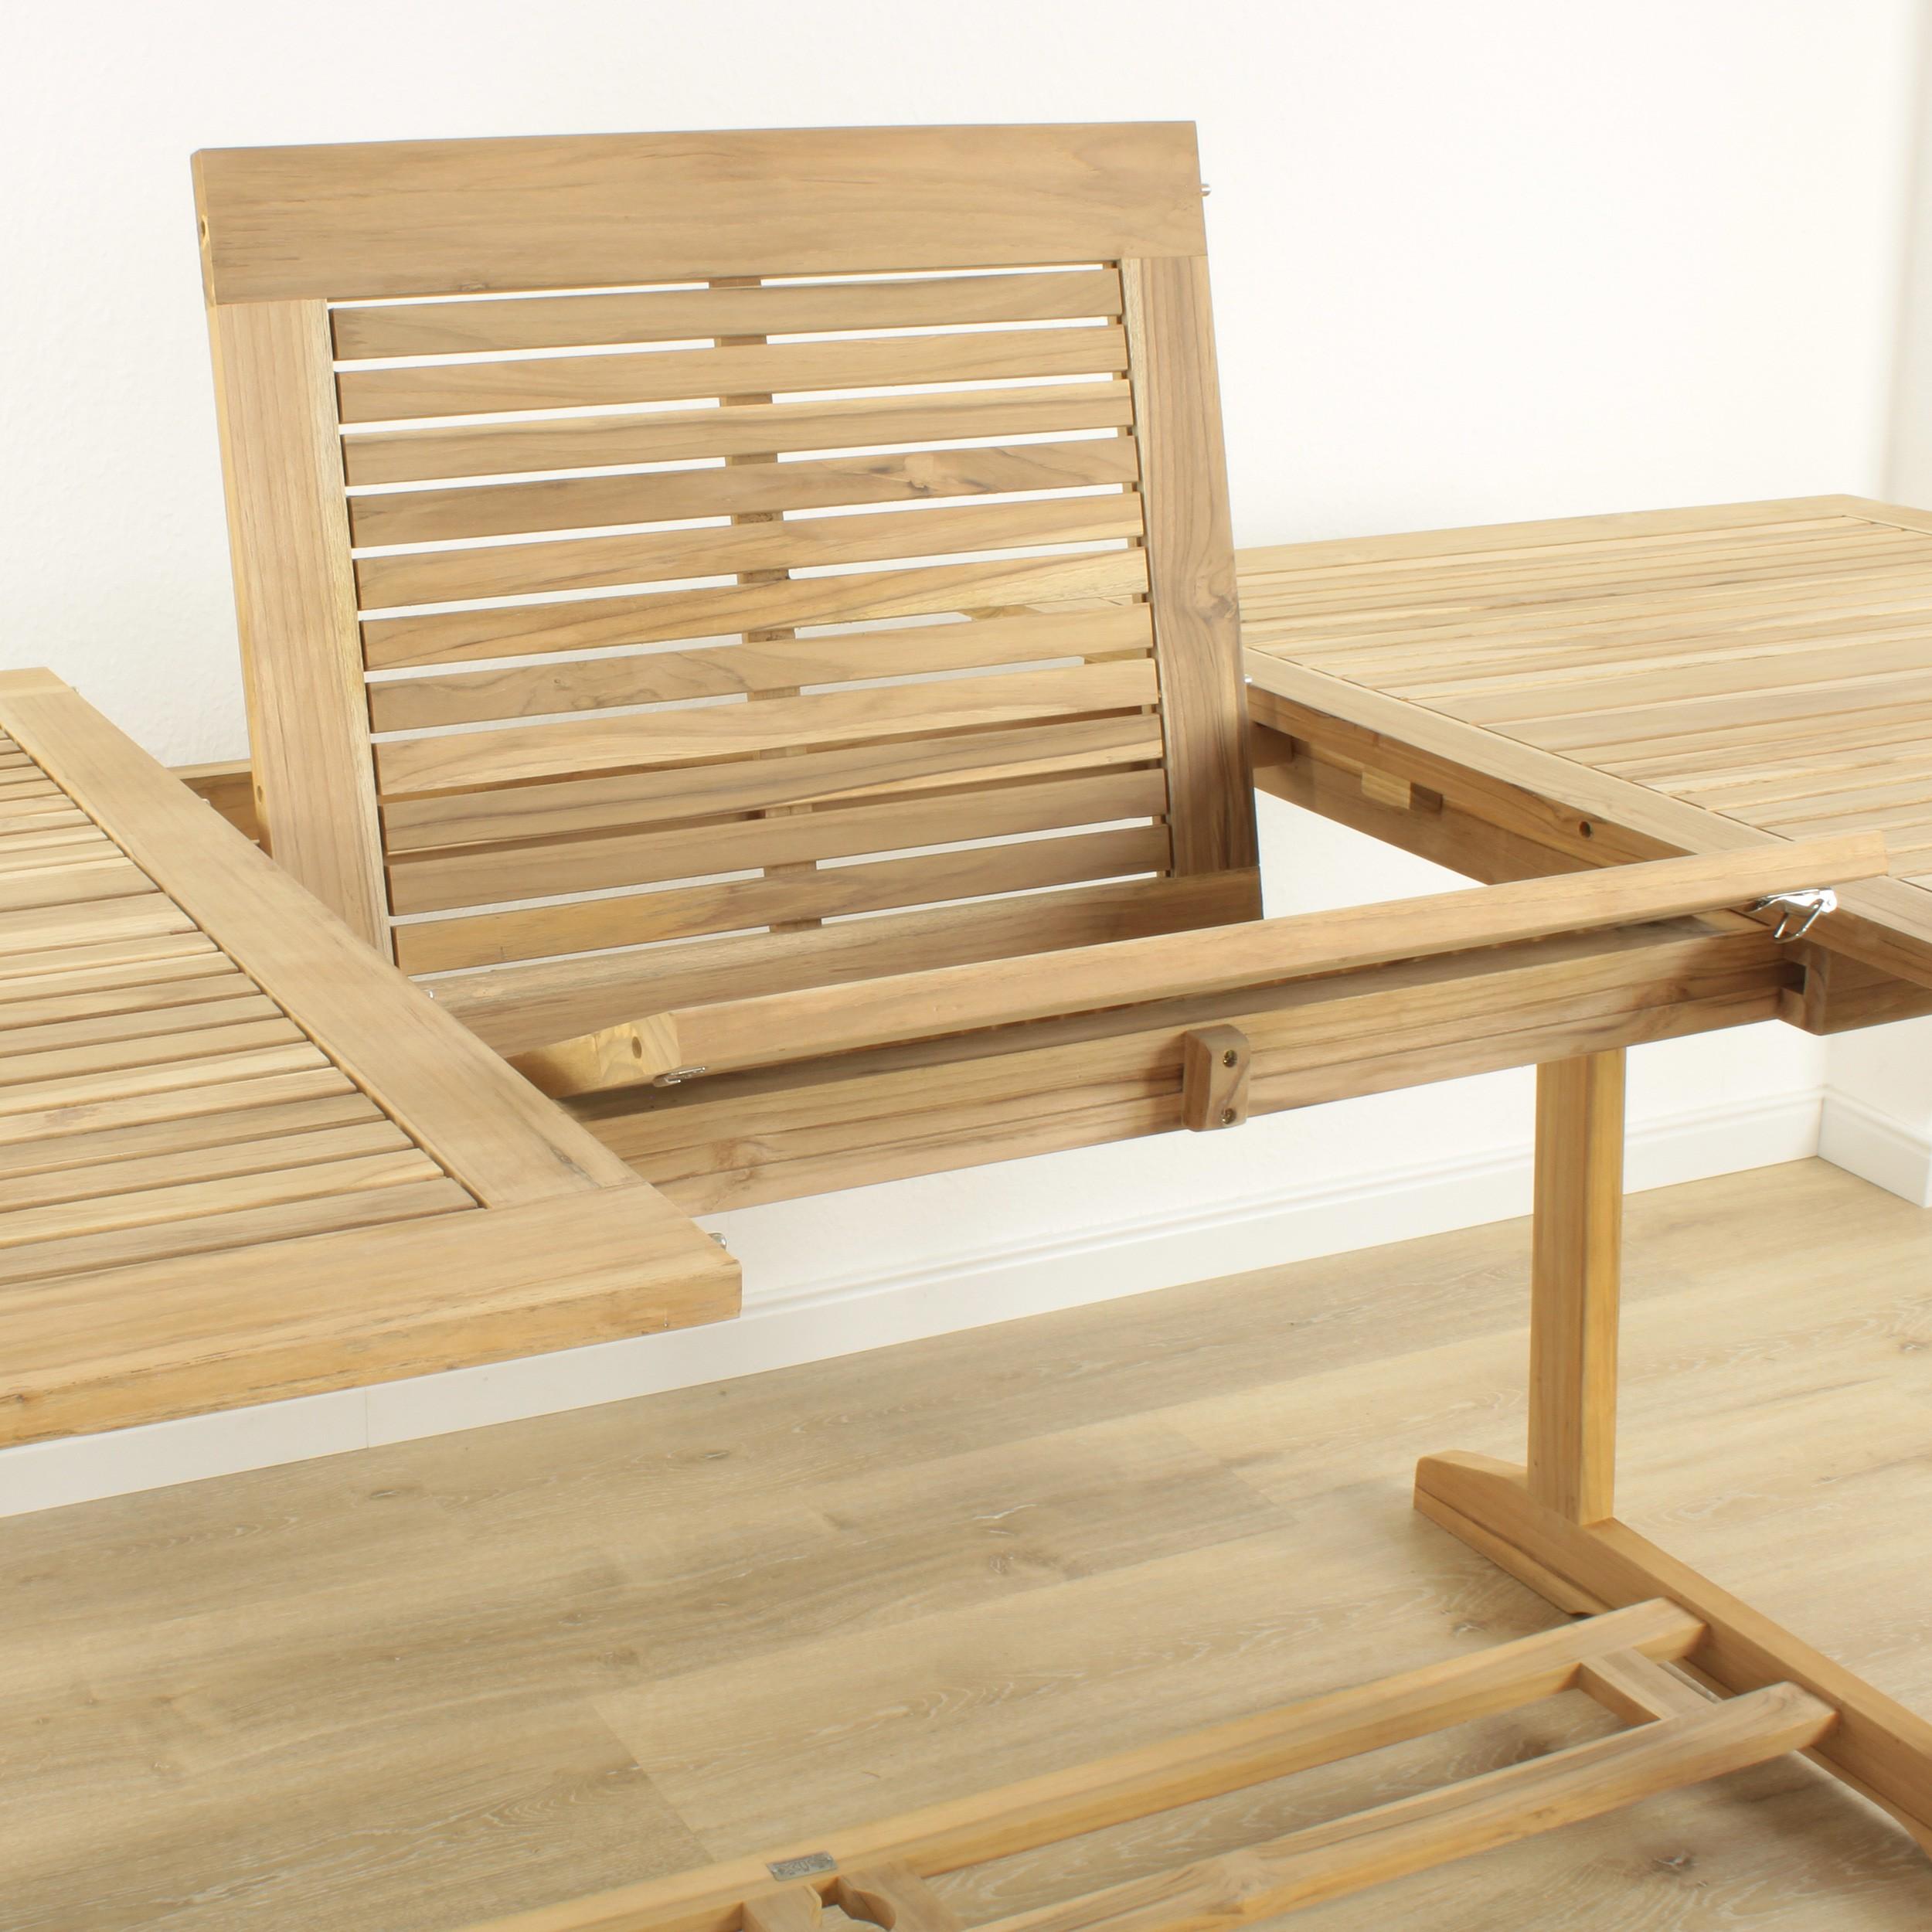 gartentisch ausziehbar 170 230 x 100 teak. Black Bedroom Furniture Sets. Home Design Ideas